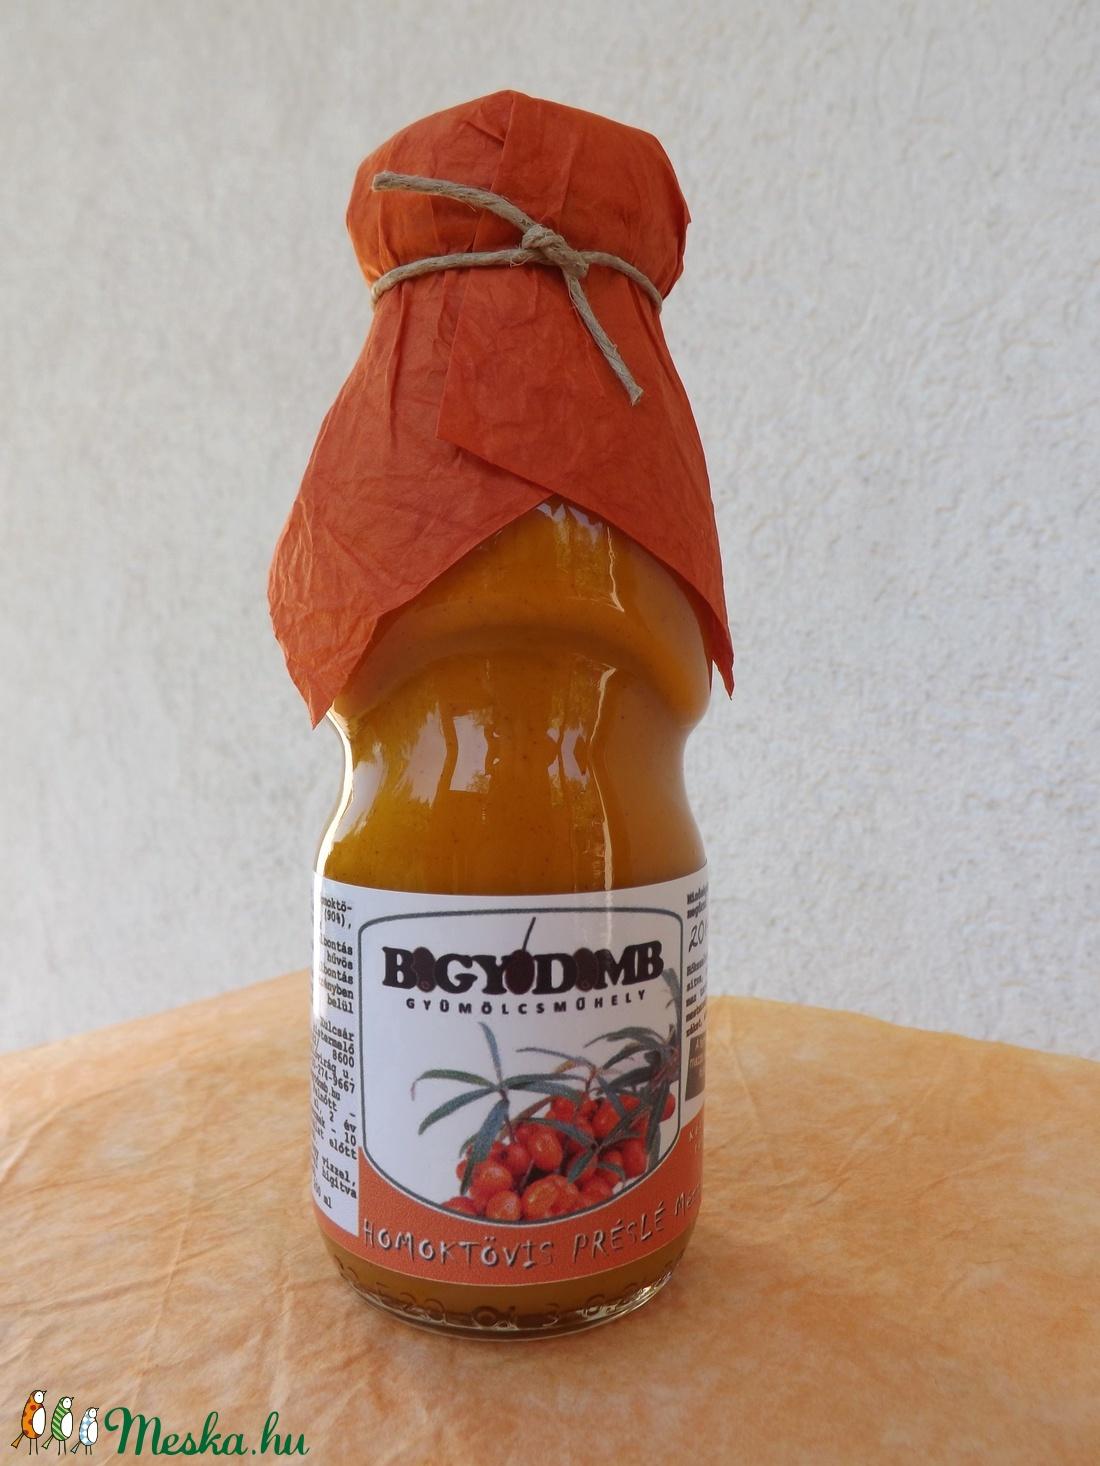 Homoktövis préslé mézzel (200 ml) (Bogyodomb) - Meska.hu